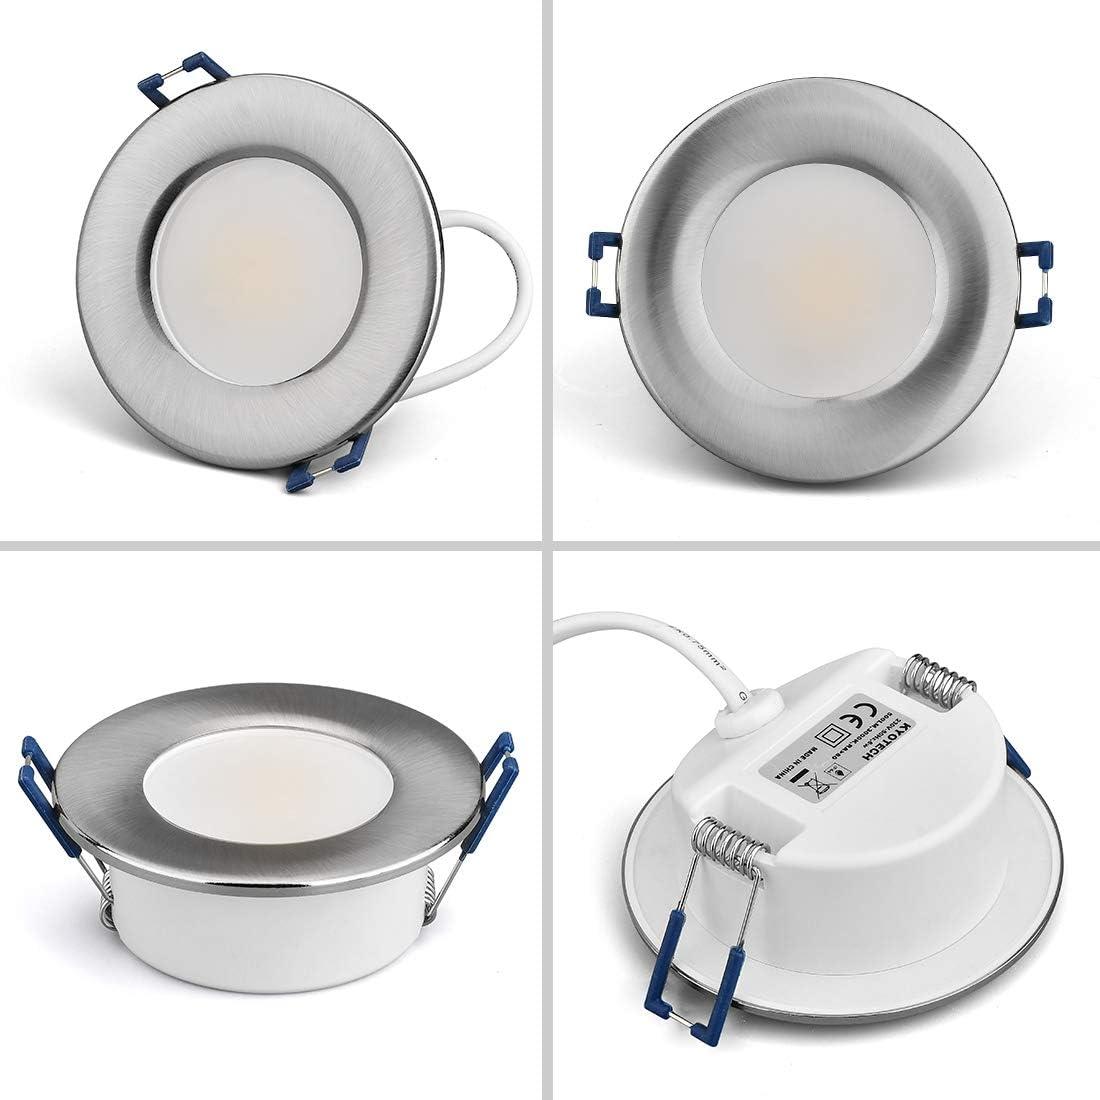 KYOTECH Foco Empotrable Led Techo,Set de 6,Blanco c/álido 3000K N/íquel cepillado, Ronda 6W 230V 500Lumen,downlight de luz,IP44 puede usarse en cuartos h/úmedos